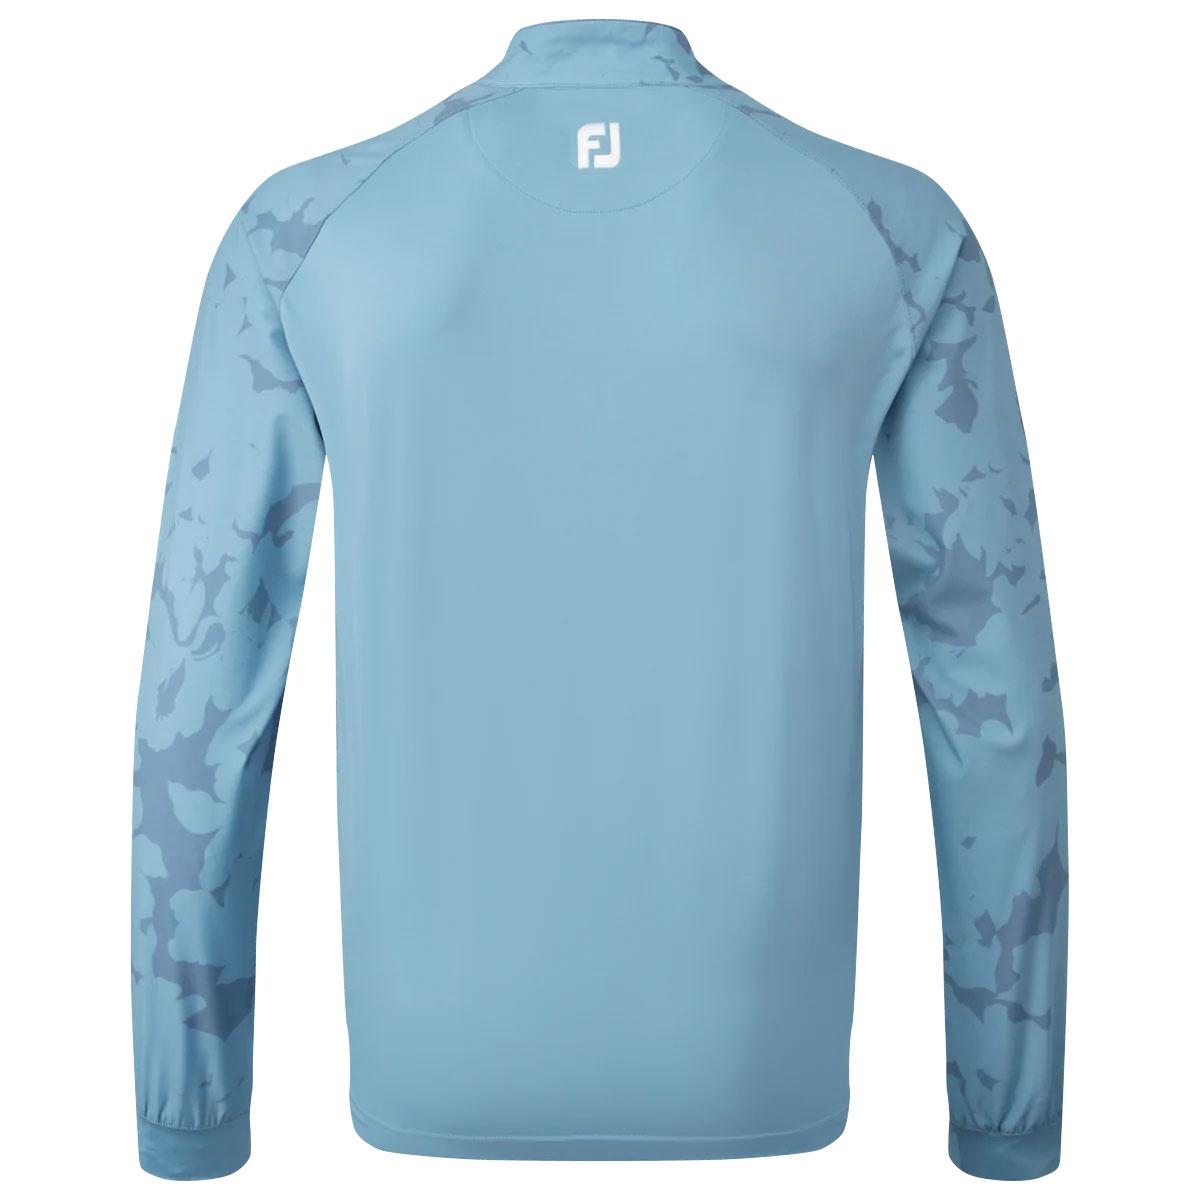 FootJoy Camo Floral Half Zip Mens Golf Mid Layer  - Storm Blue